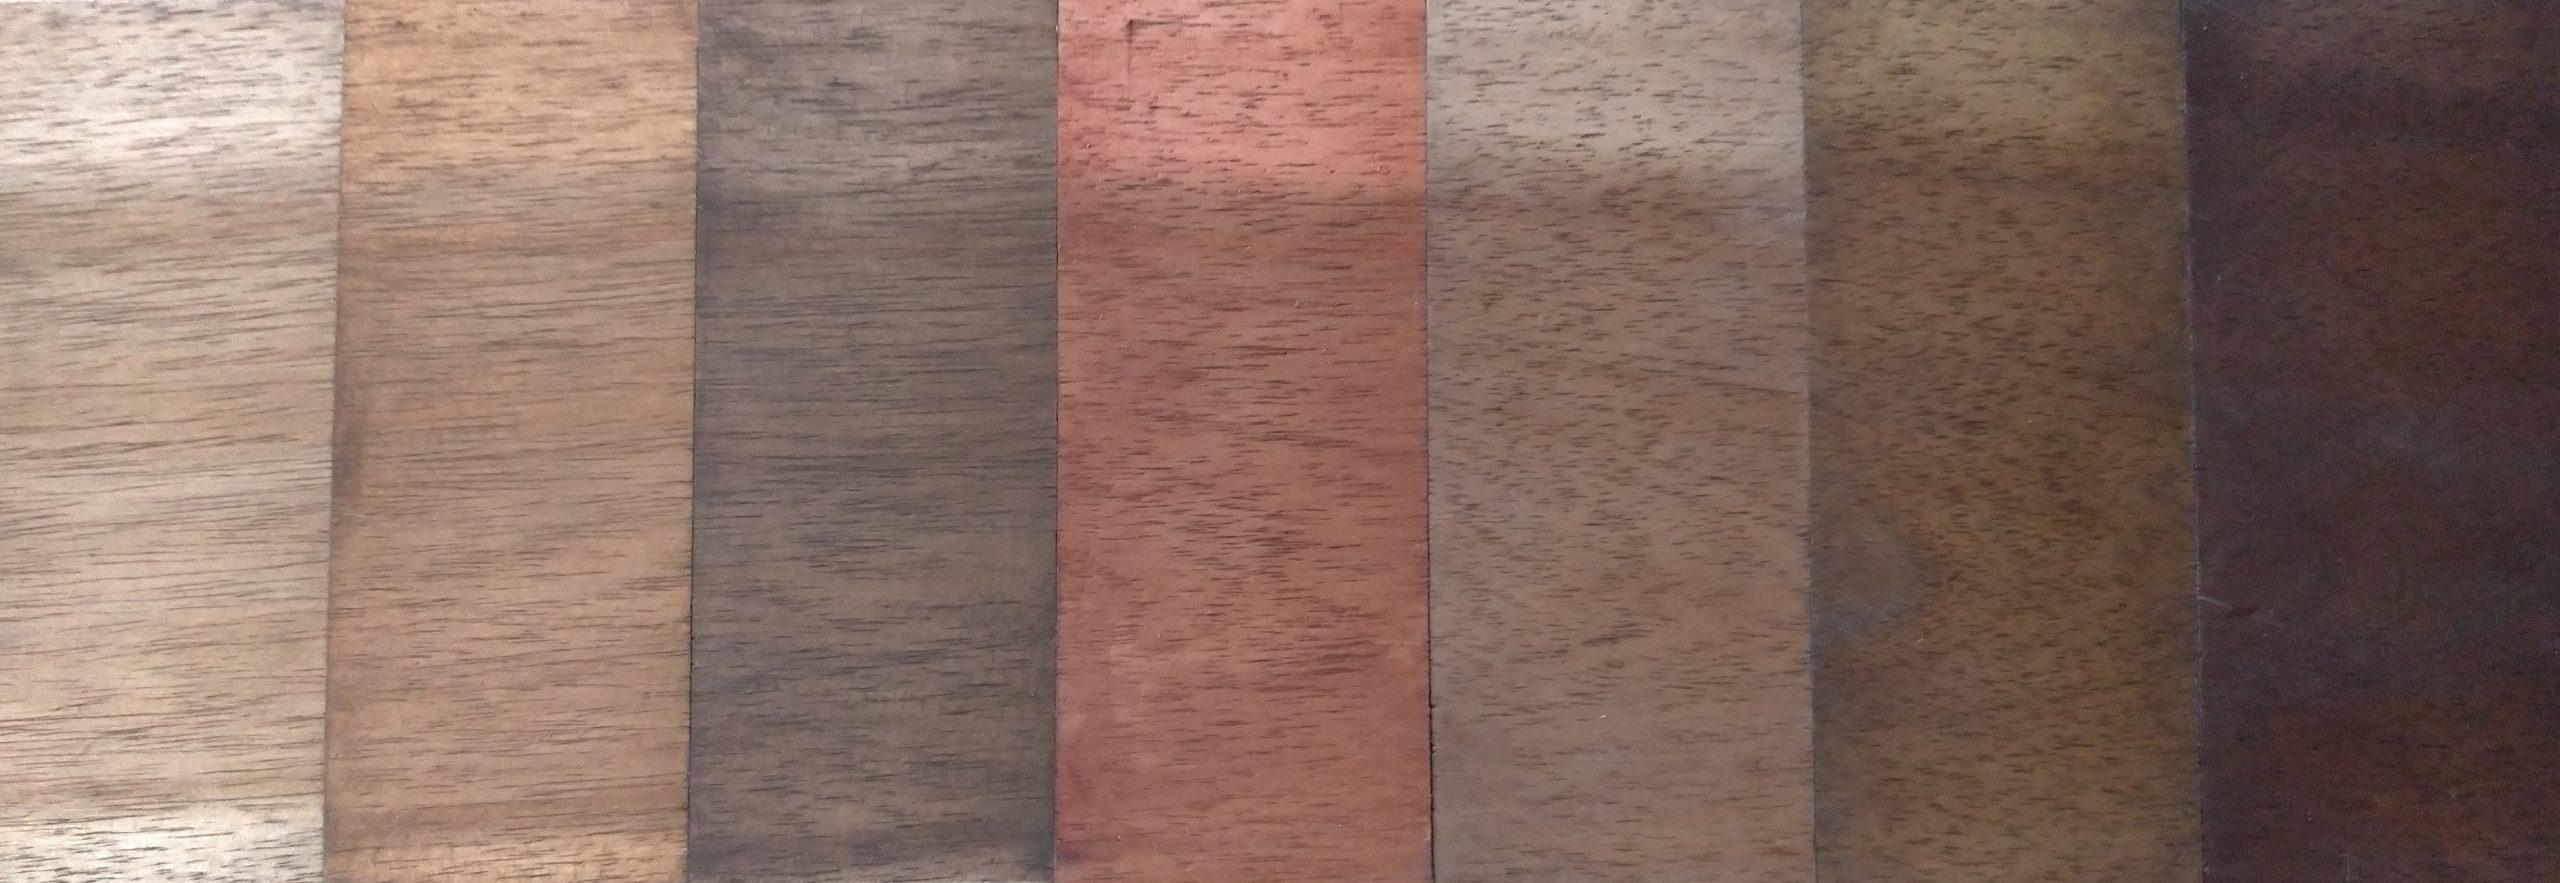 アカシアの色の比較サンプル